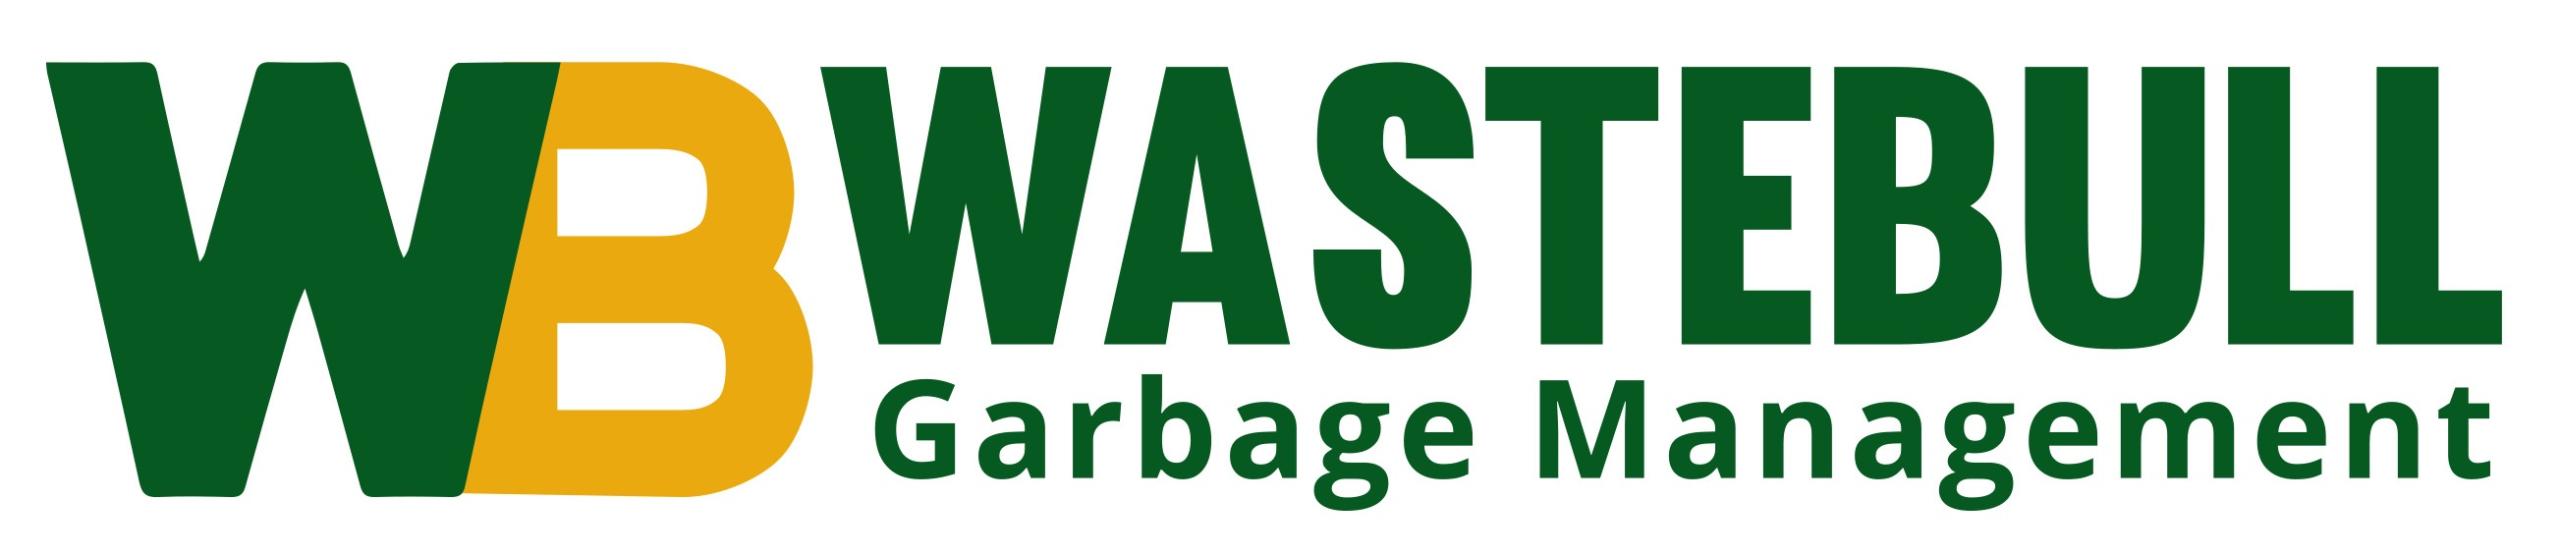 wastebull-logo